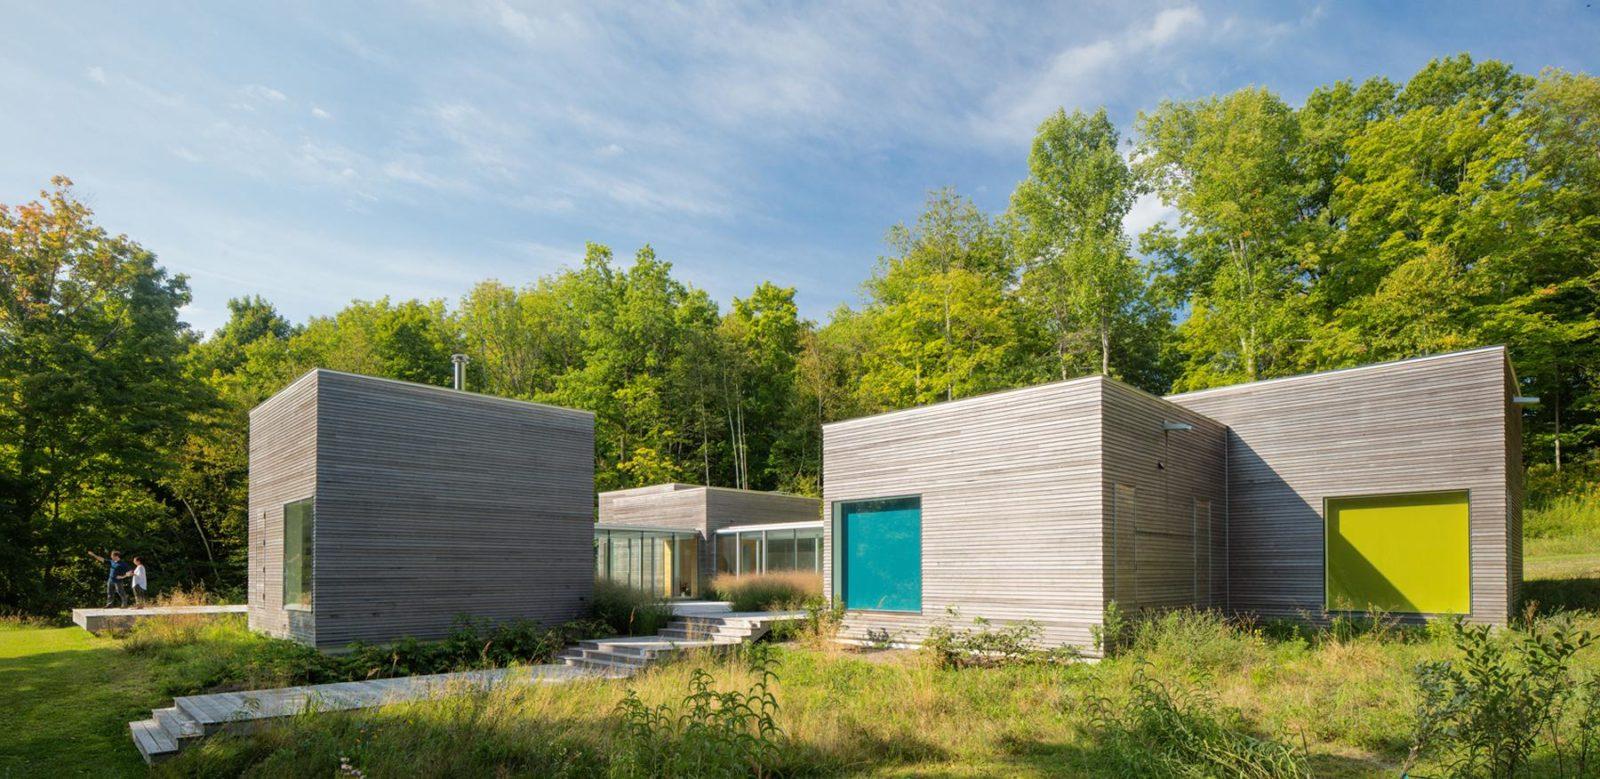 Необычная планировка дома Artist retreat в деревне Фискарсе в Финляндии